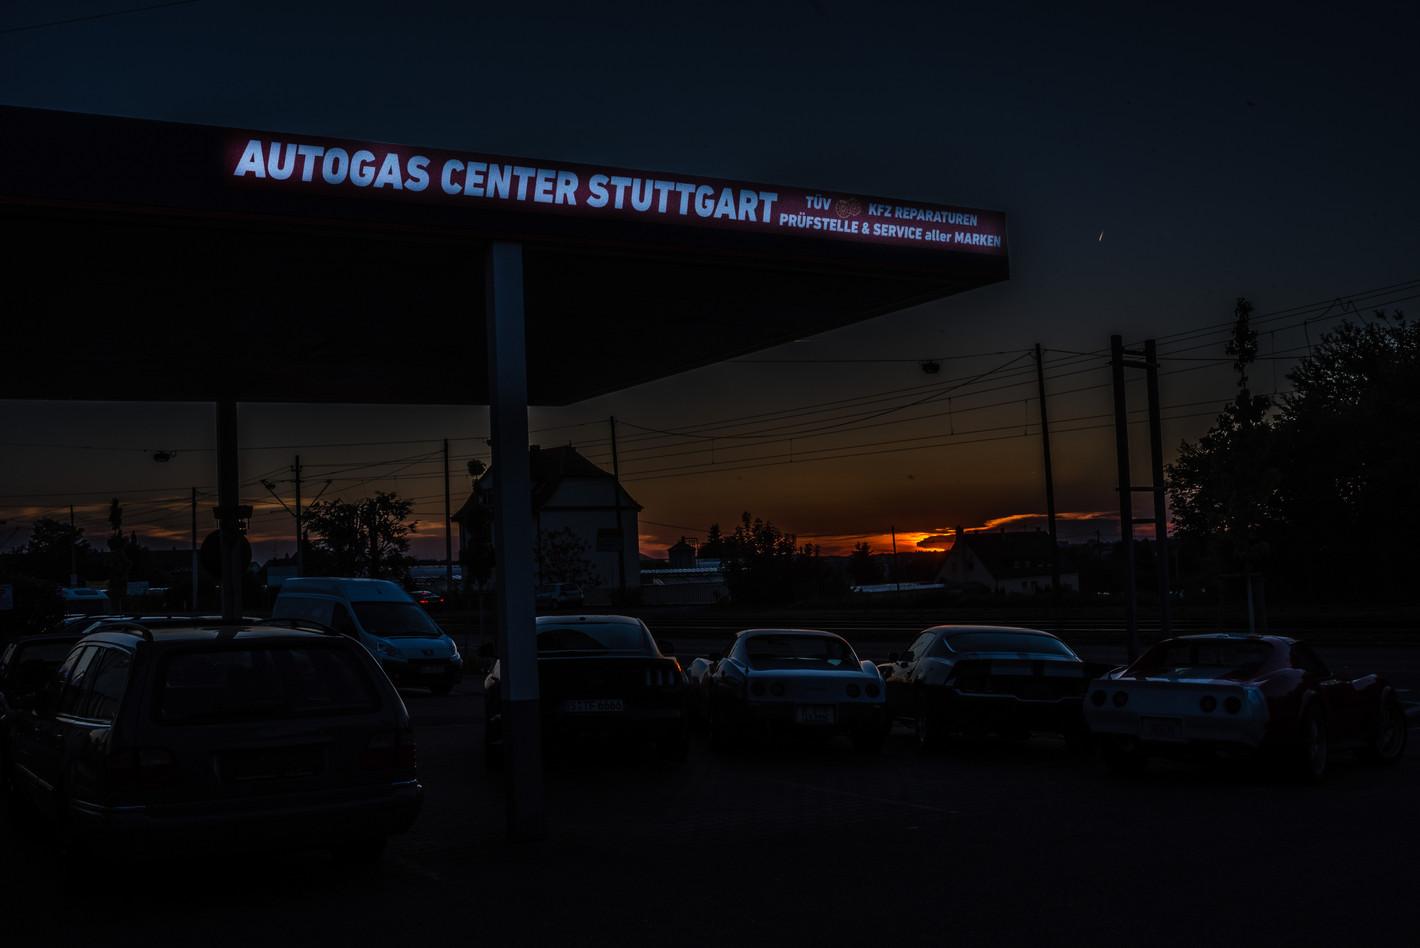 Autogascenter Stuttgart-39.jpg